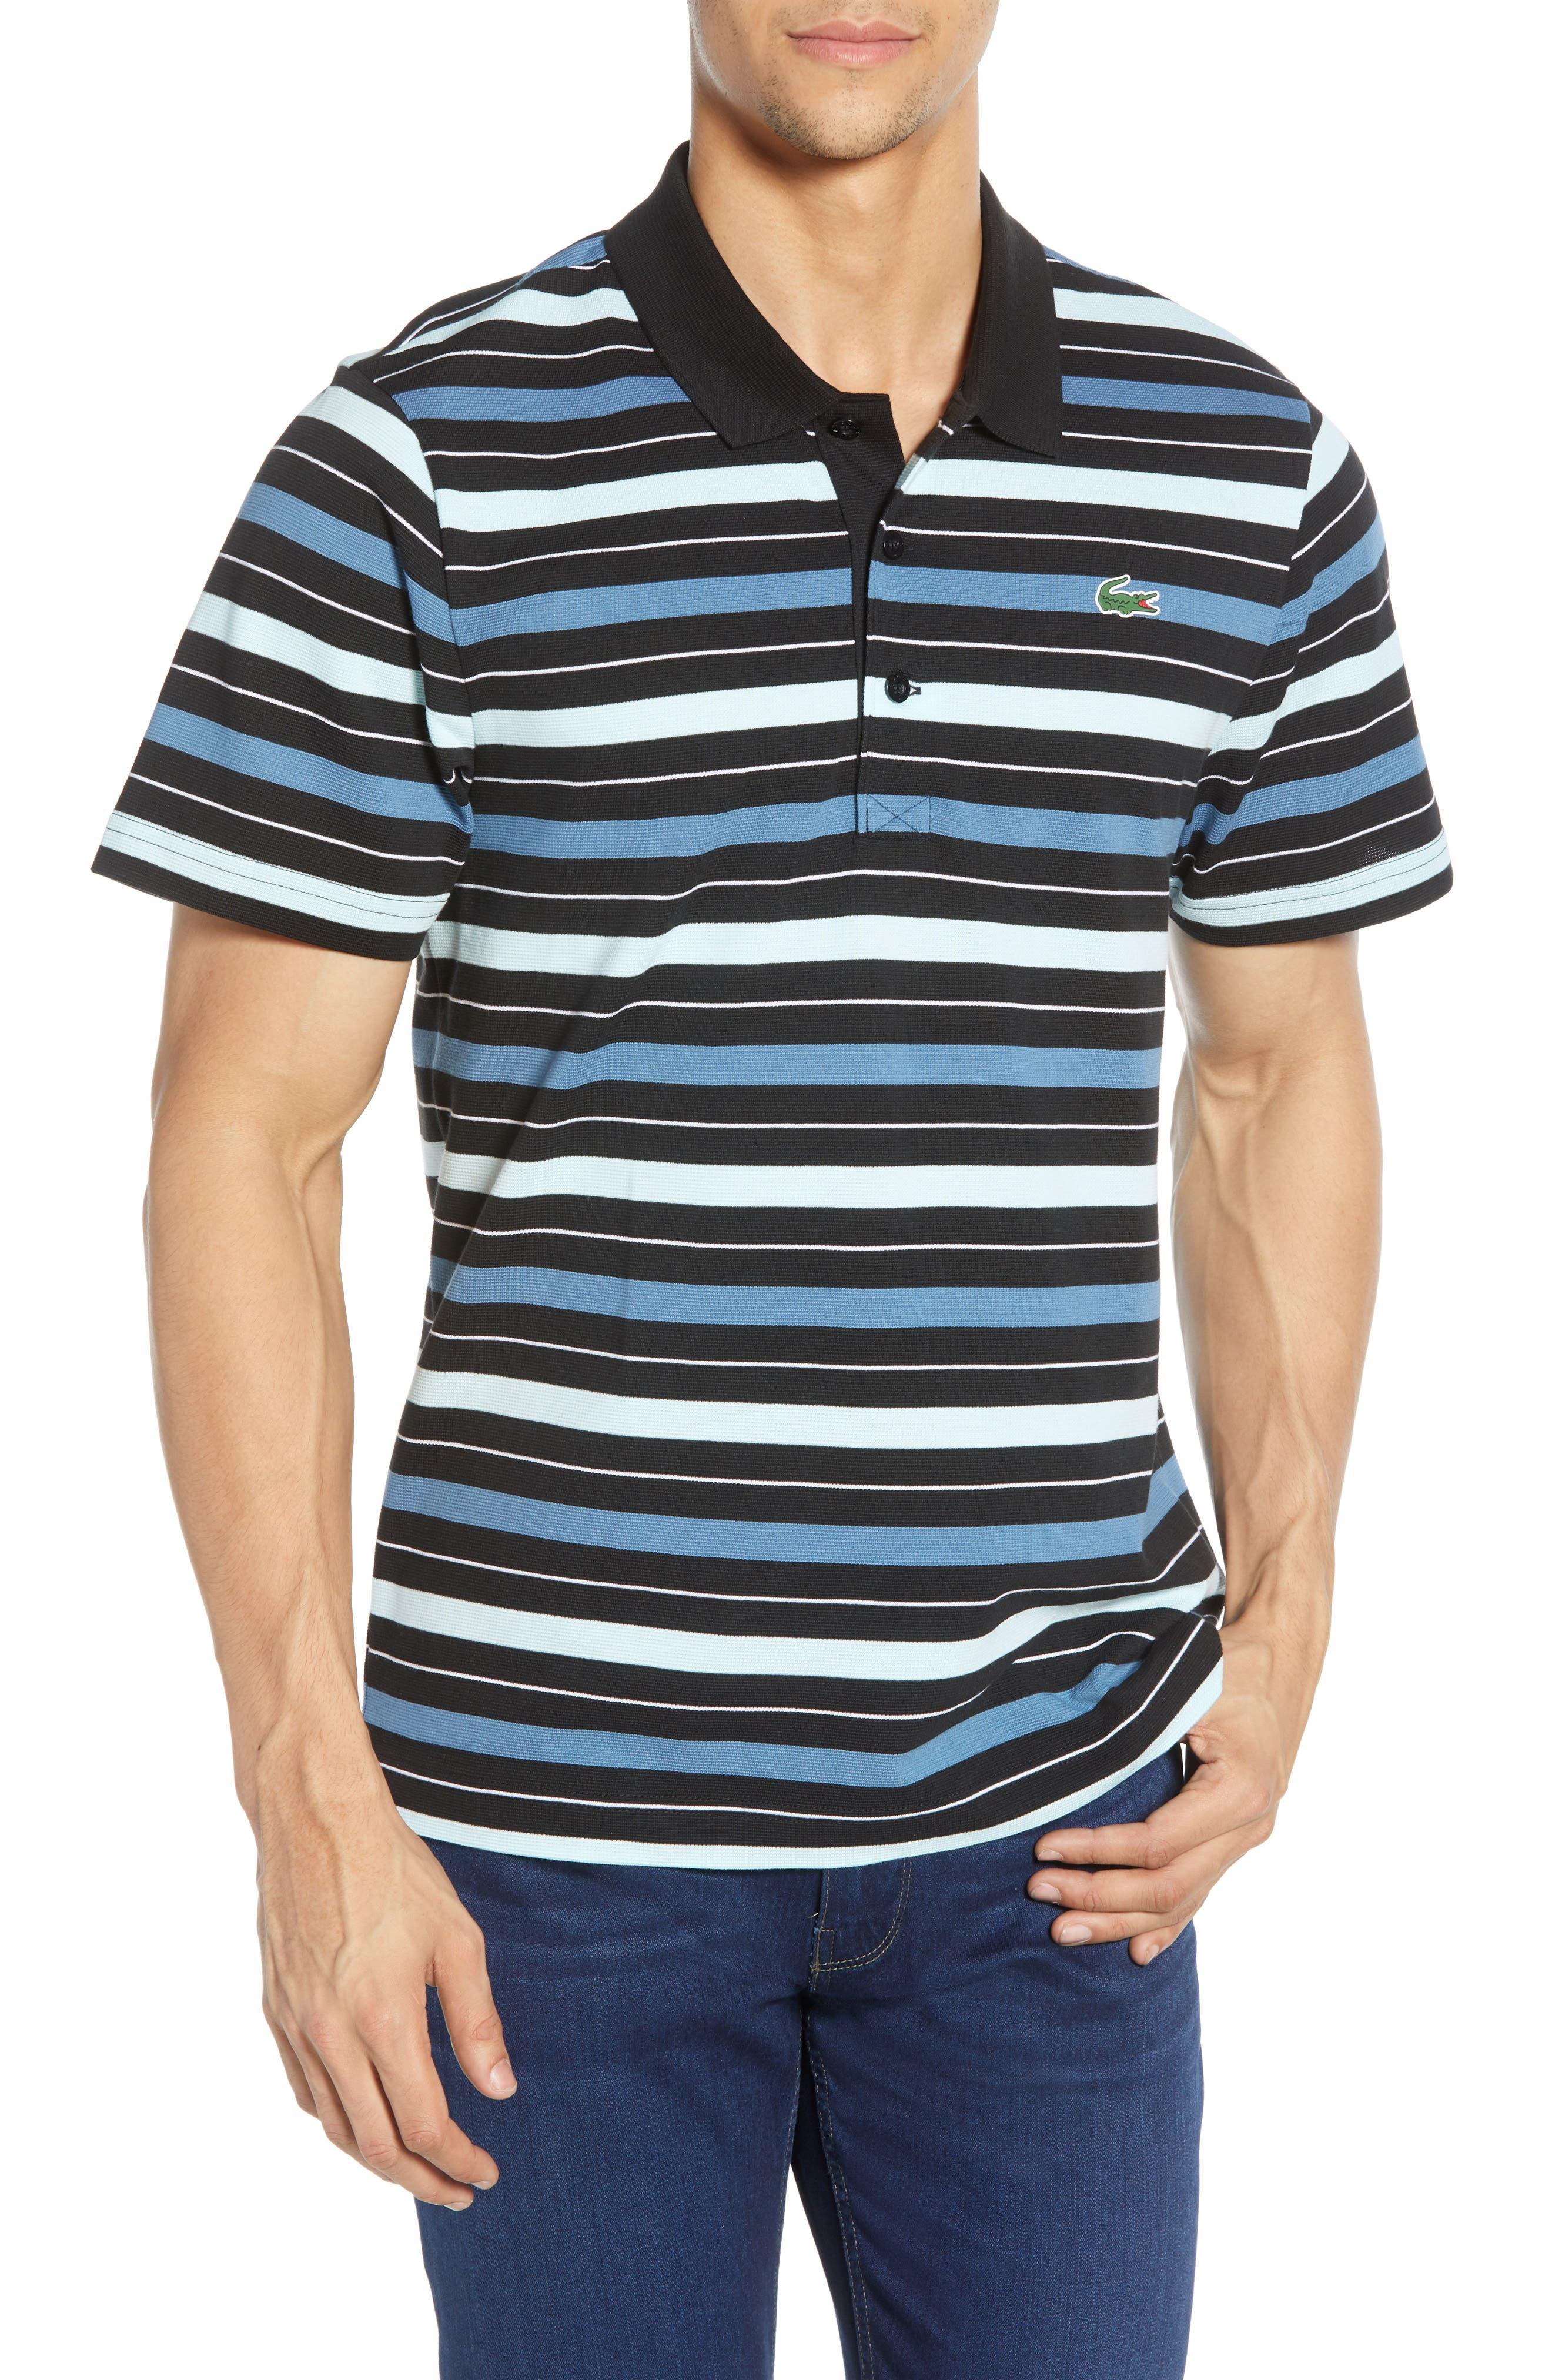 LACOSTE, Super Light Stripe Piqué Polo, Main thumbnail 1, color, BLACK/ AQUARIUM-WHITE-NEOTTIA